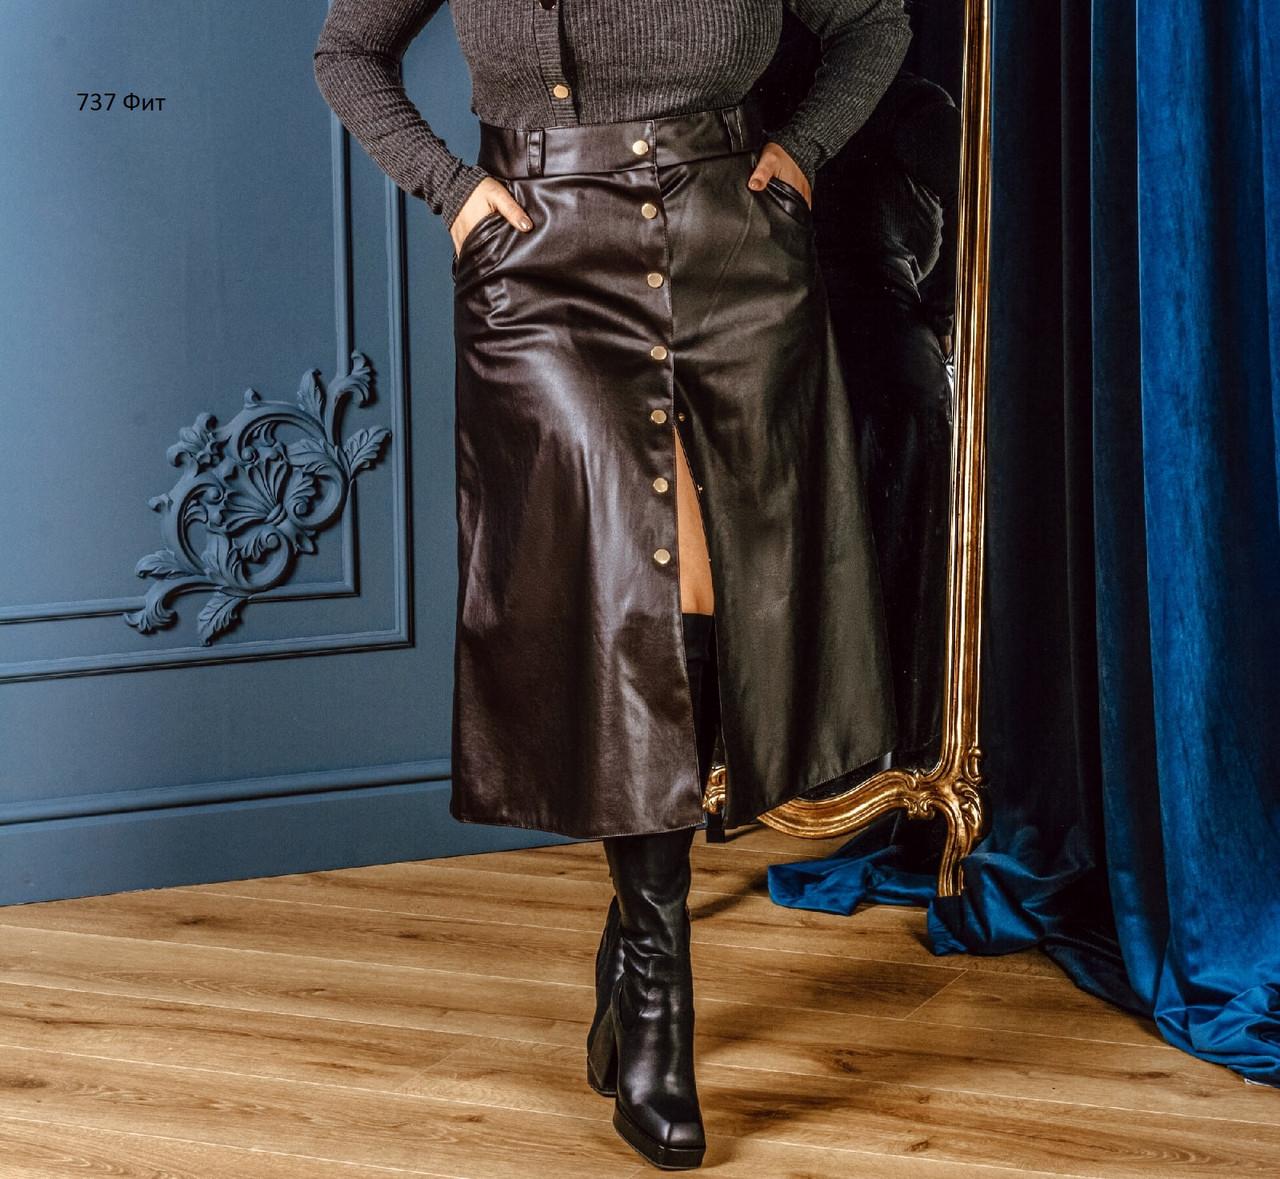 Женская юбка из эко кожи Теплая норма + батал 737 ФИТ